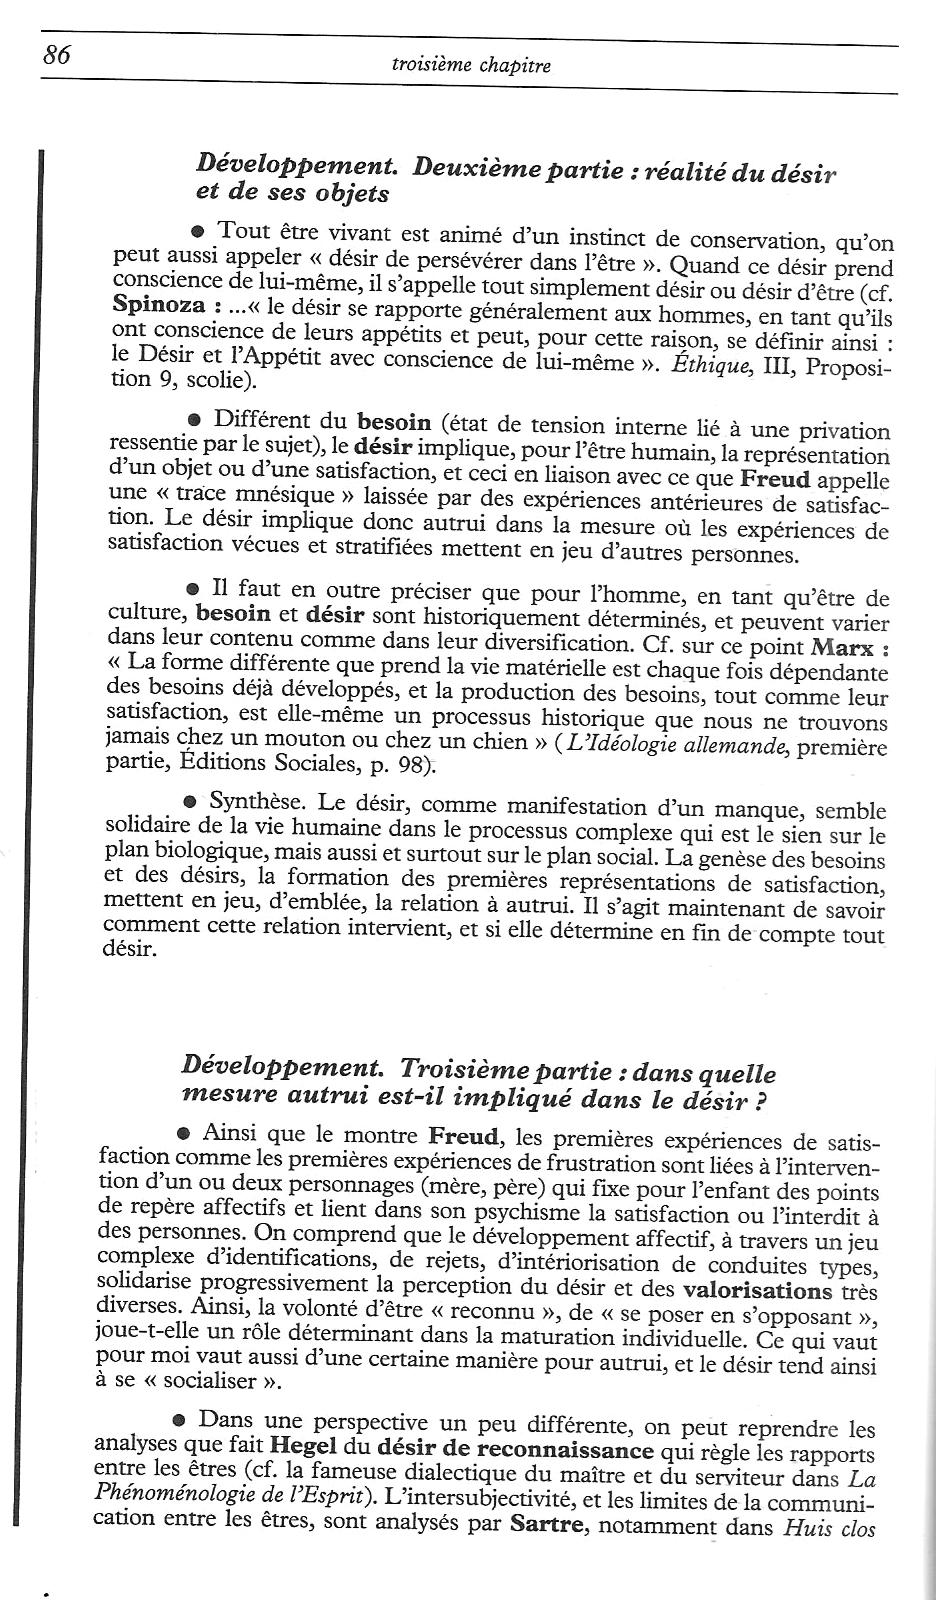 dissertation de philosophie sur la conscience Retrouvez sur cette page tous les corrigés de philosophie, consultables immédiatement, concernant la conscience.